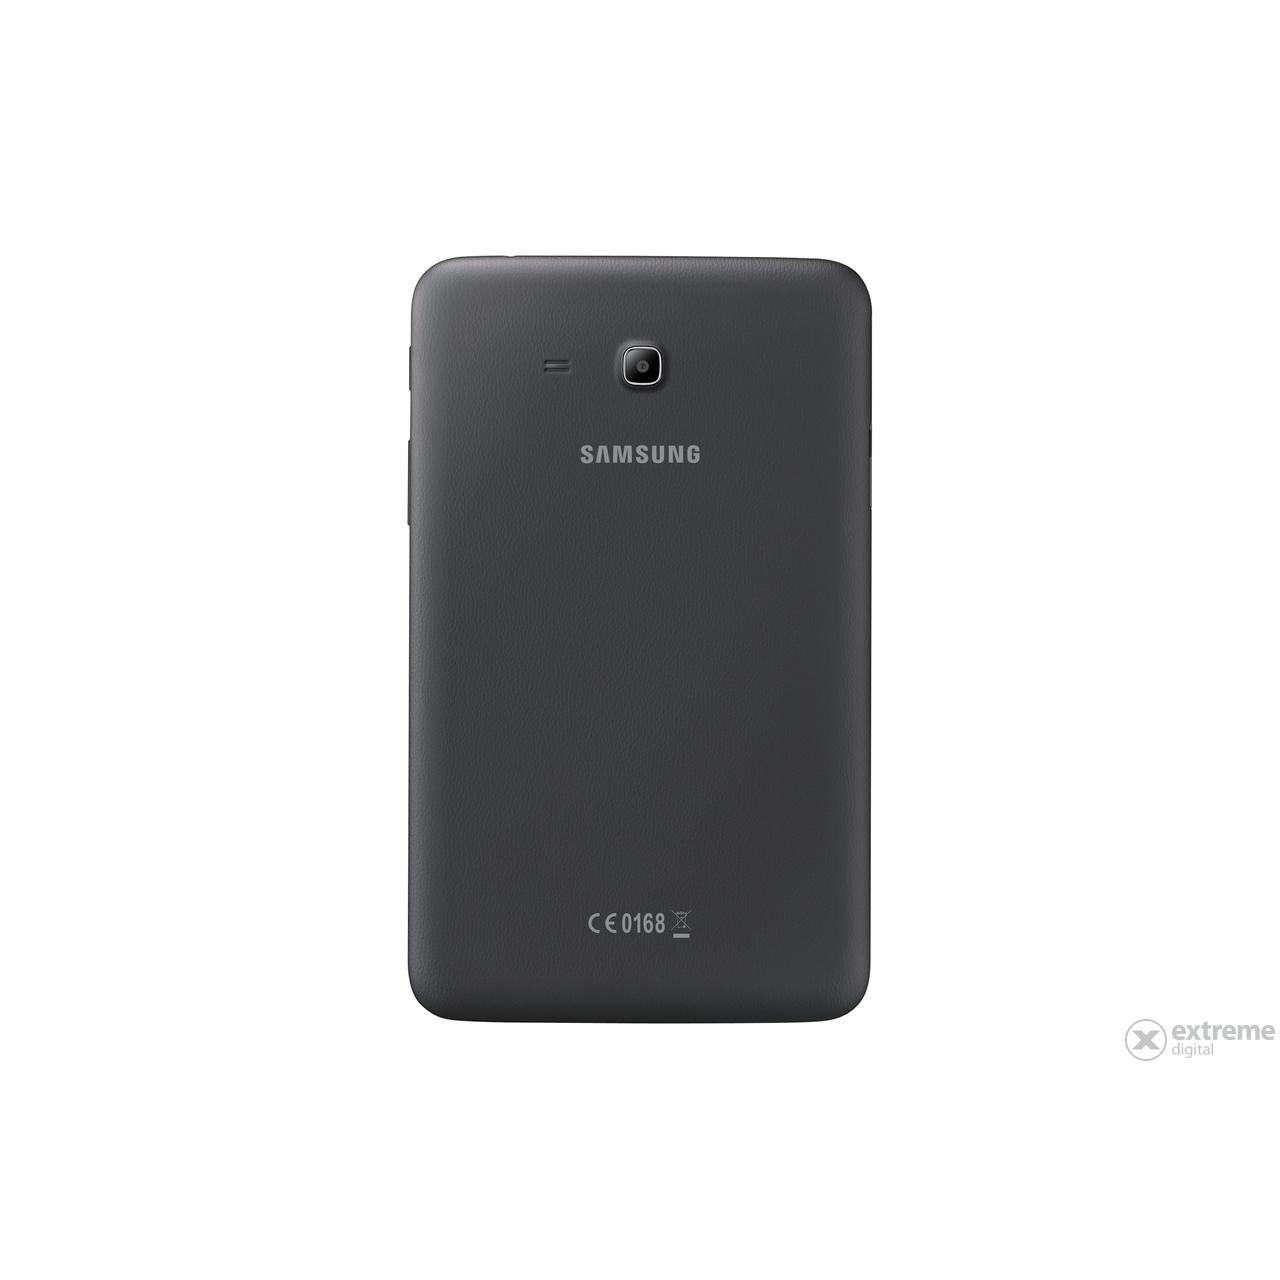 Samsung Galaxy Tab 3 7.0 Lite Goya (T110) WiFi 8GB tablet